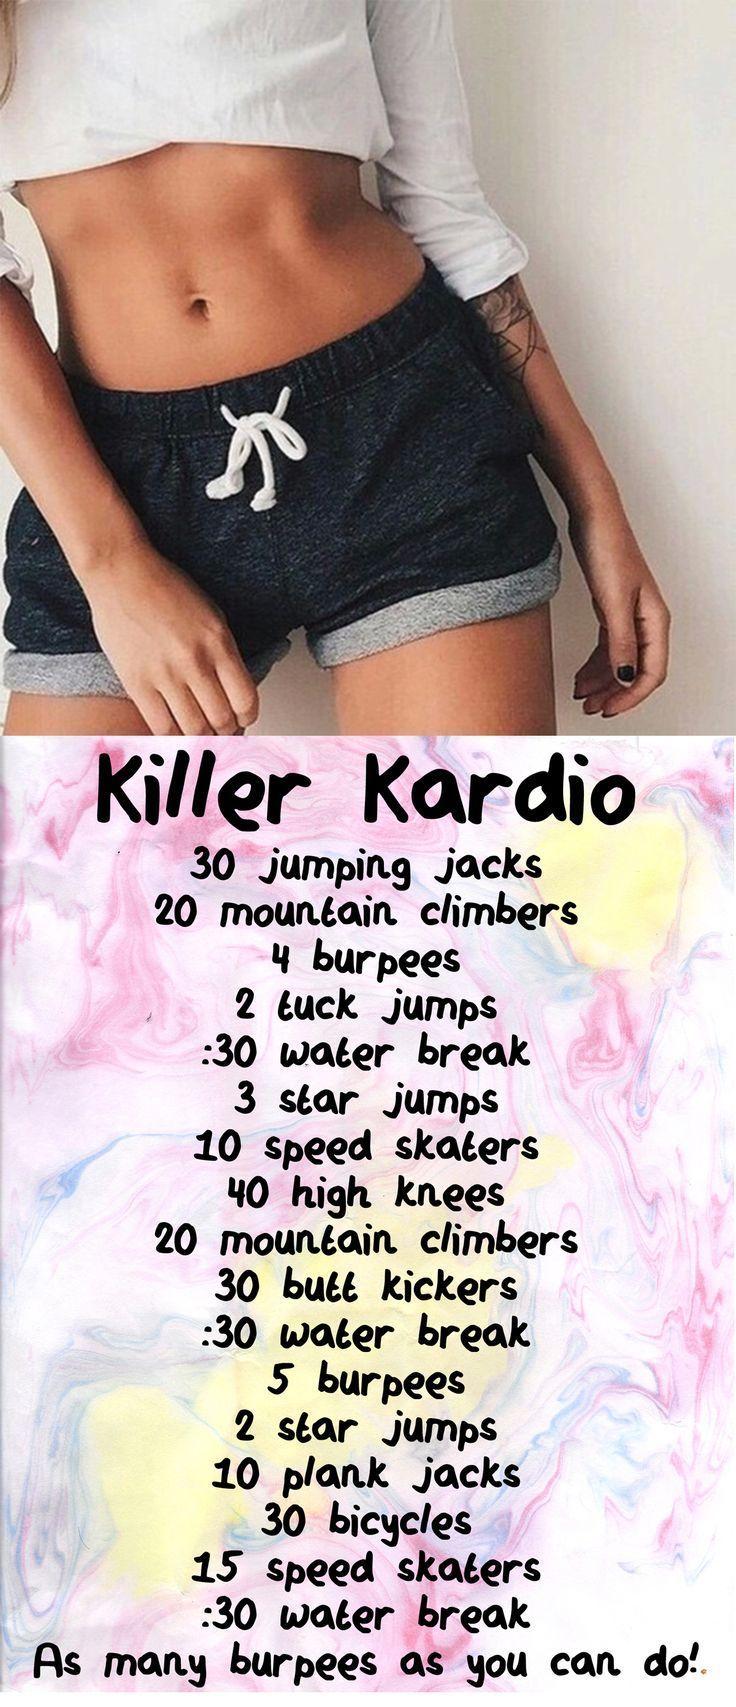 25 + › Hasst du es zu laufen? Diese 10 Übungen verbrennen mehr Kalorien – #brennen …